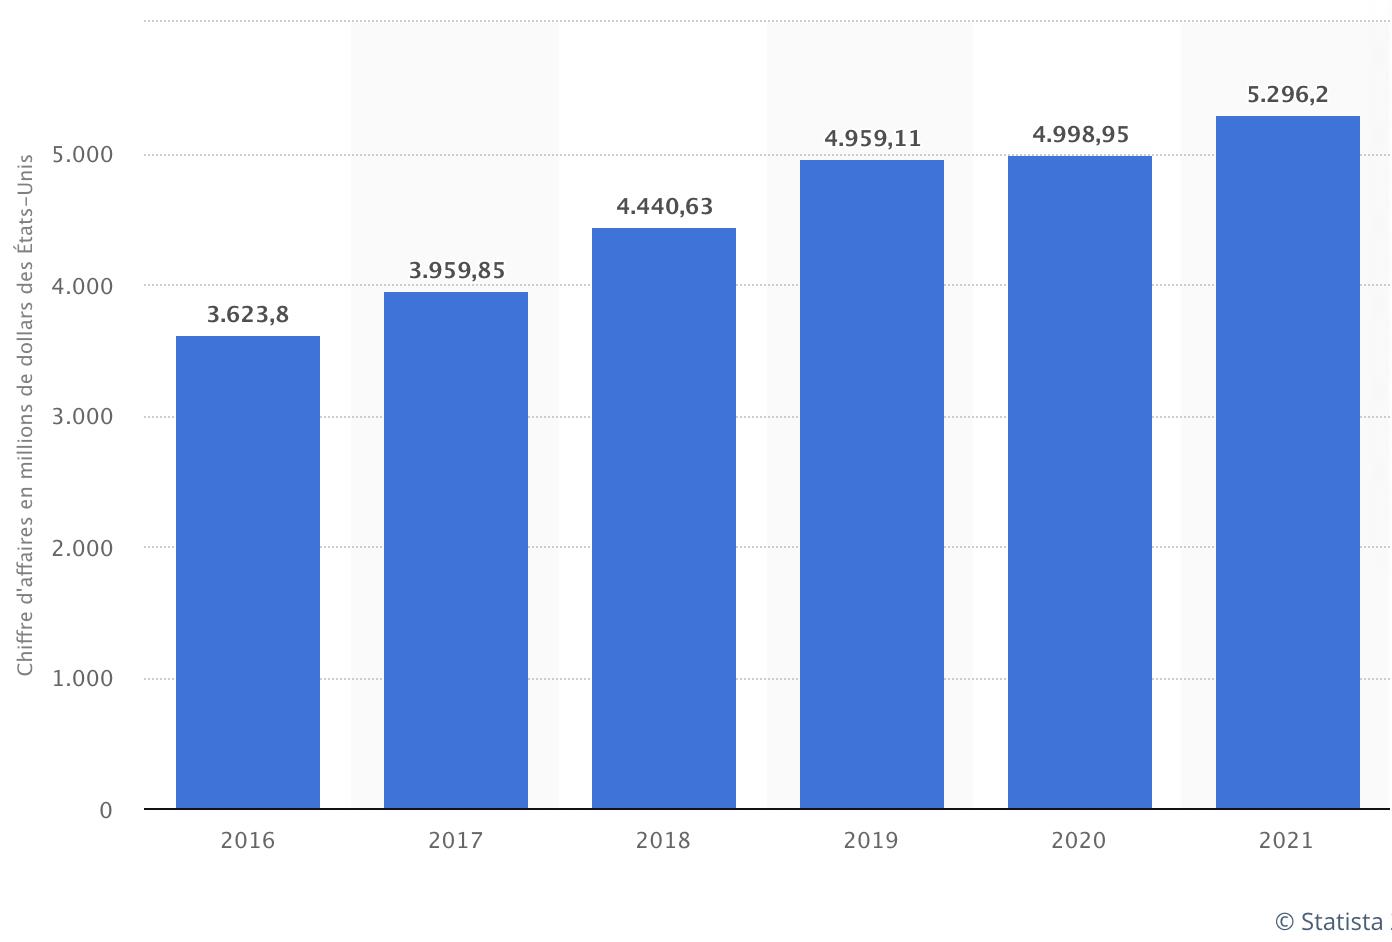 Graphique du chiffre d'affaires du marché des services cloud en France entre 2016 et 2021.